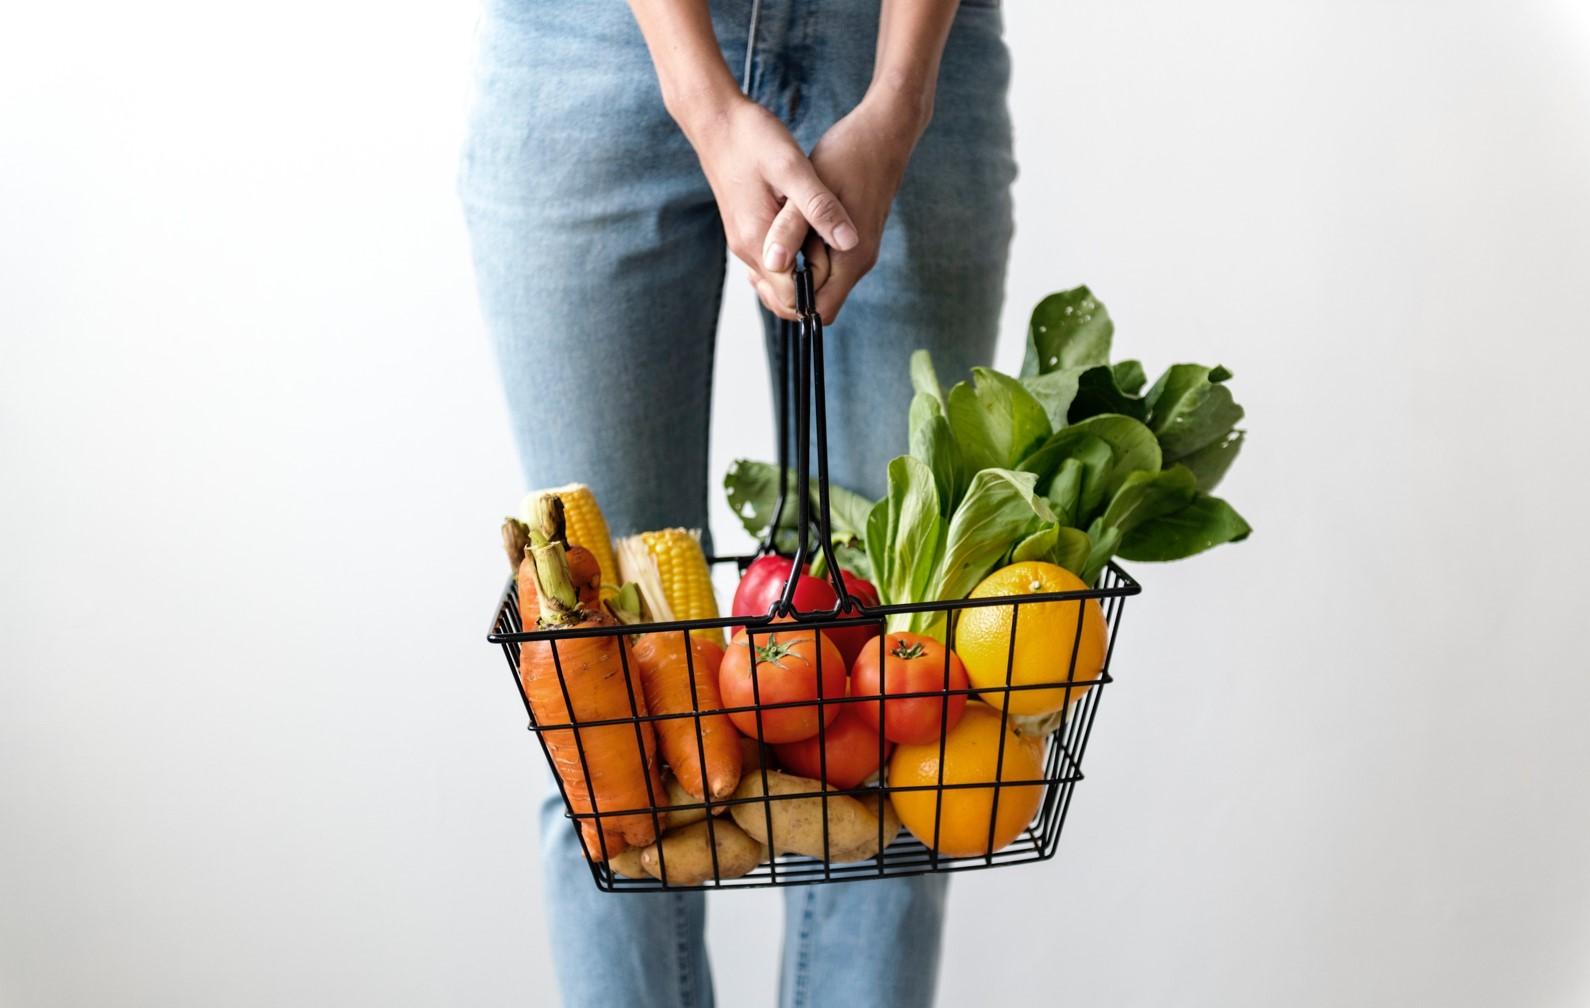 Czeski dystrybutor poszukuje producentów zdrowej żywności